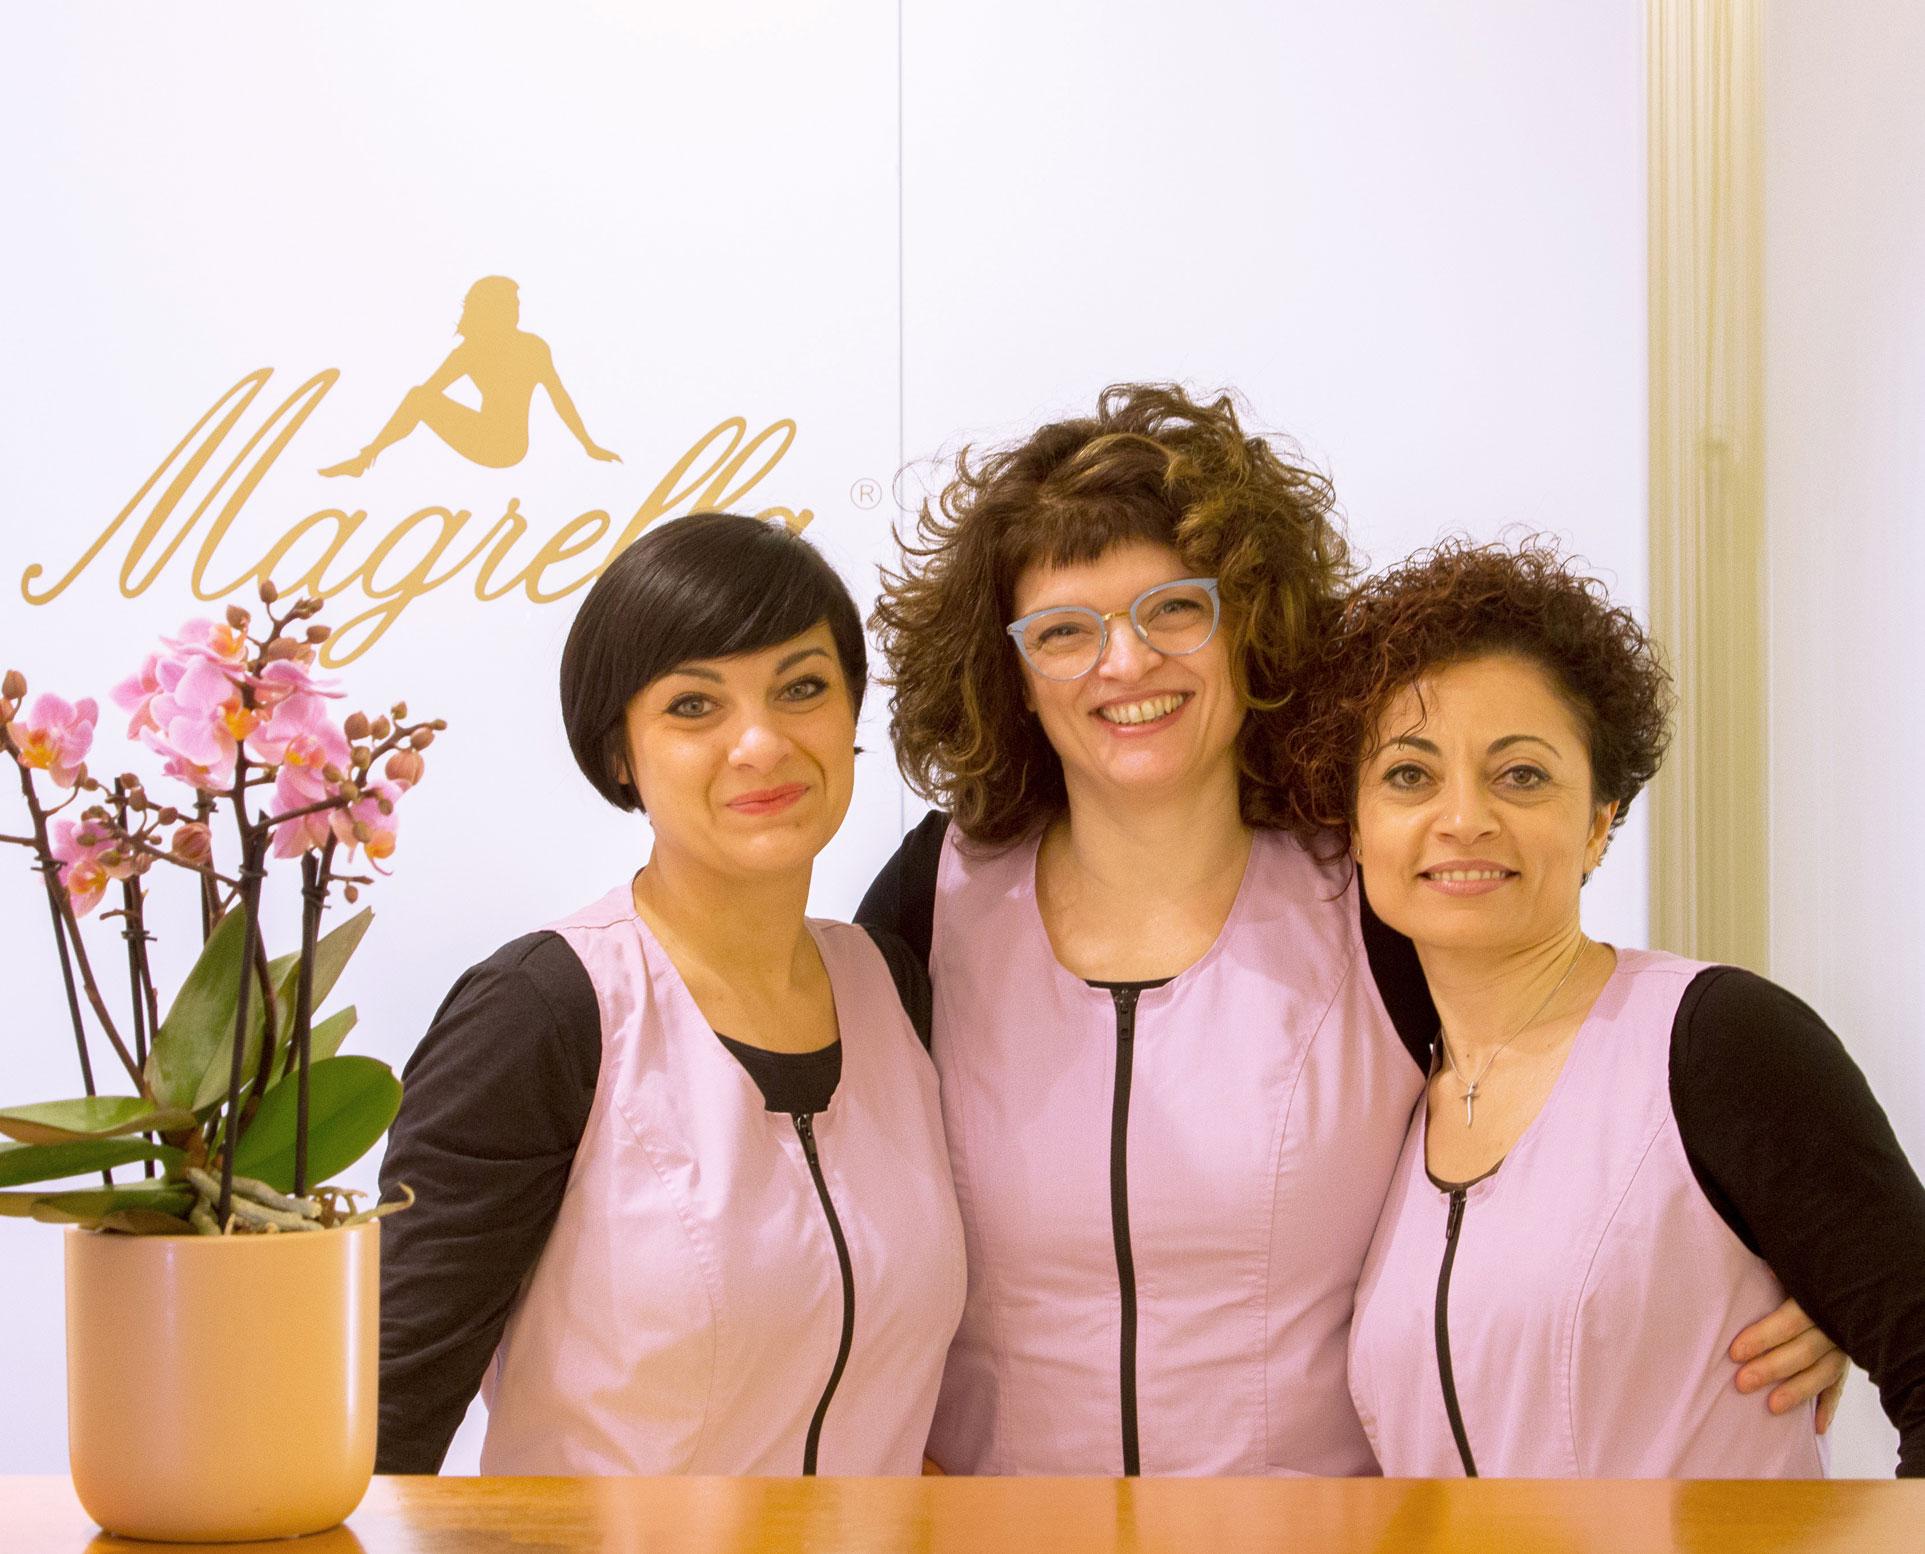 staff professionale Magrella Ferrara centro dimagrimento clinica per dimagrire dieta facile veloce perdere peso